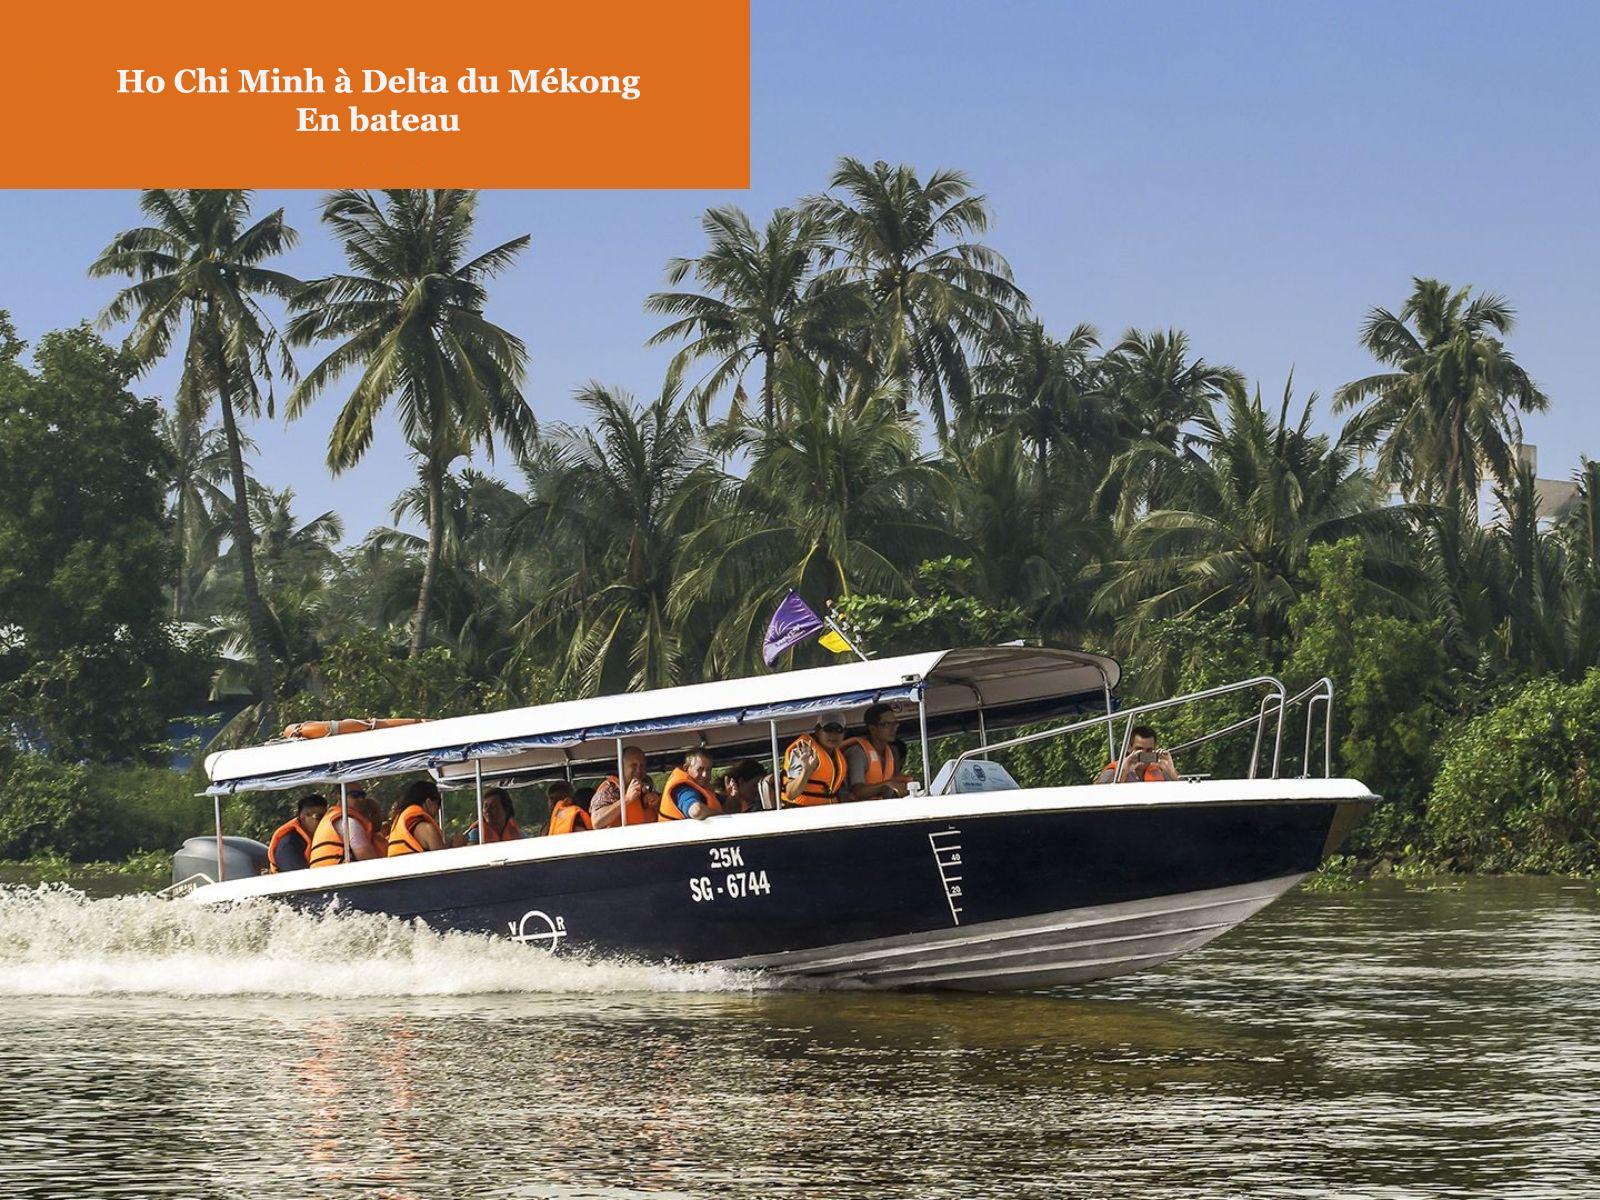 Bateau de Ho Chi Minh à Delta du Mékong